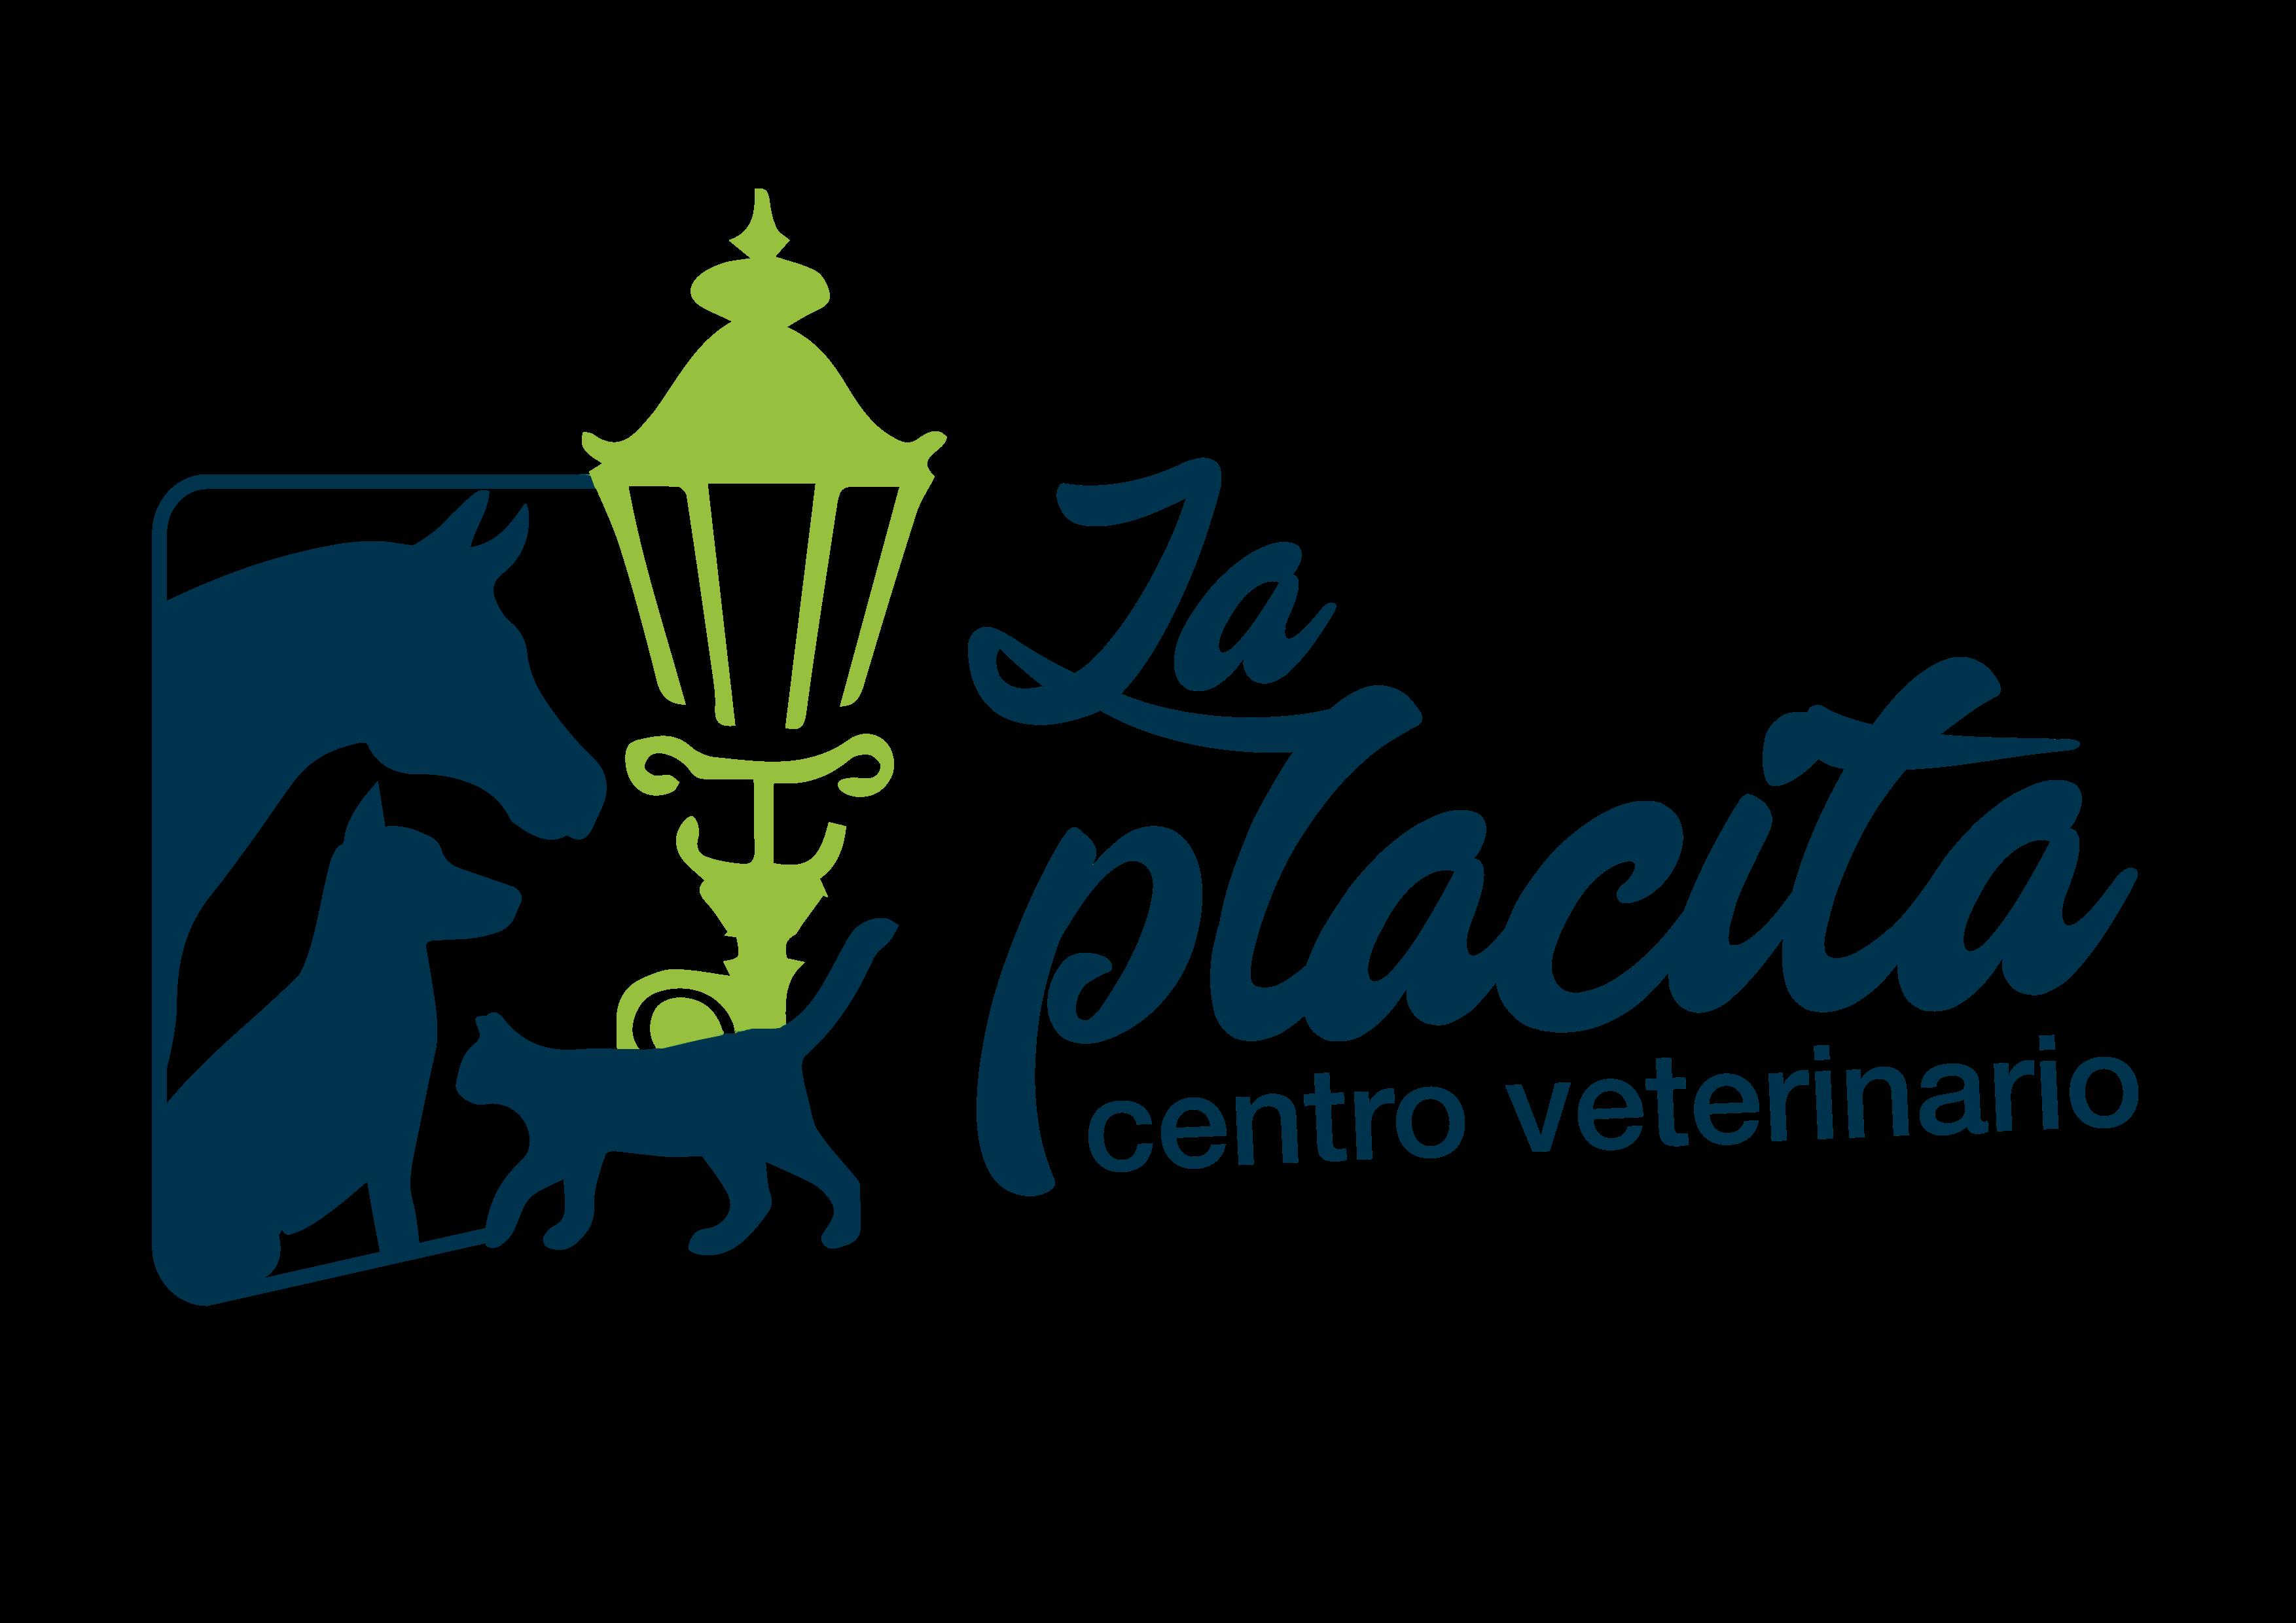 LA PLACITA Centro Veterinario